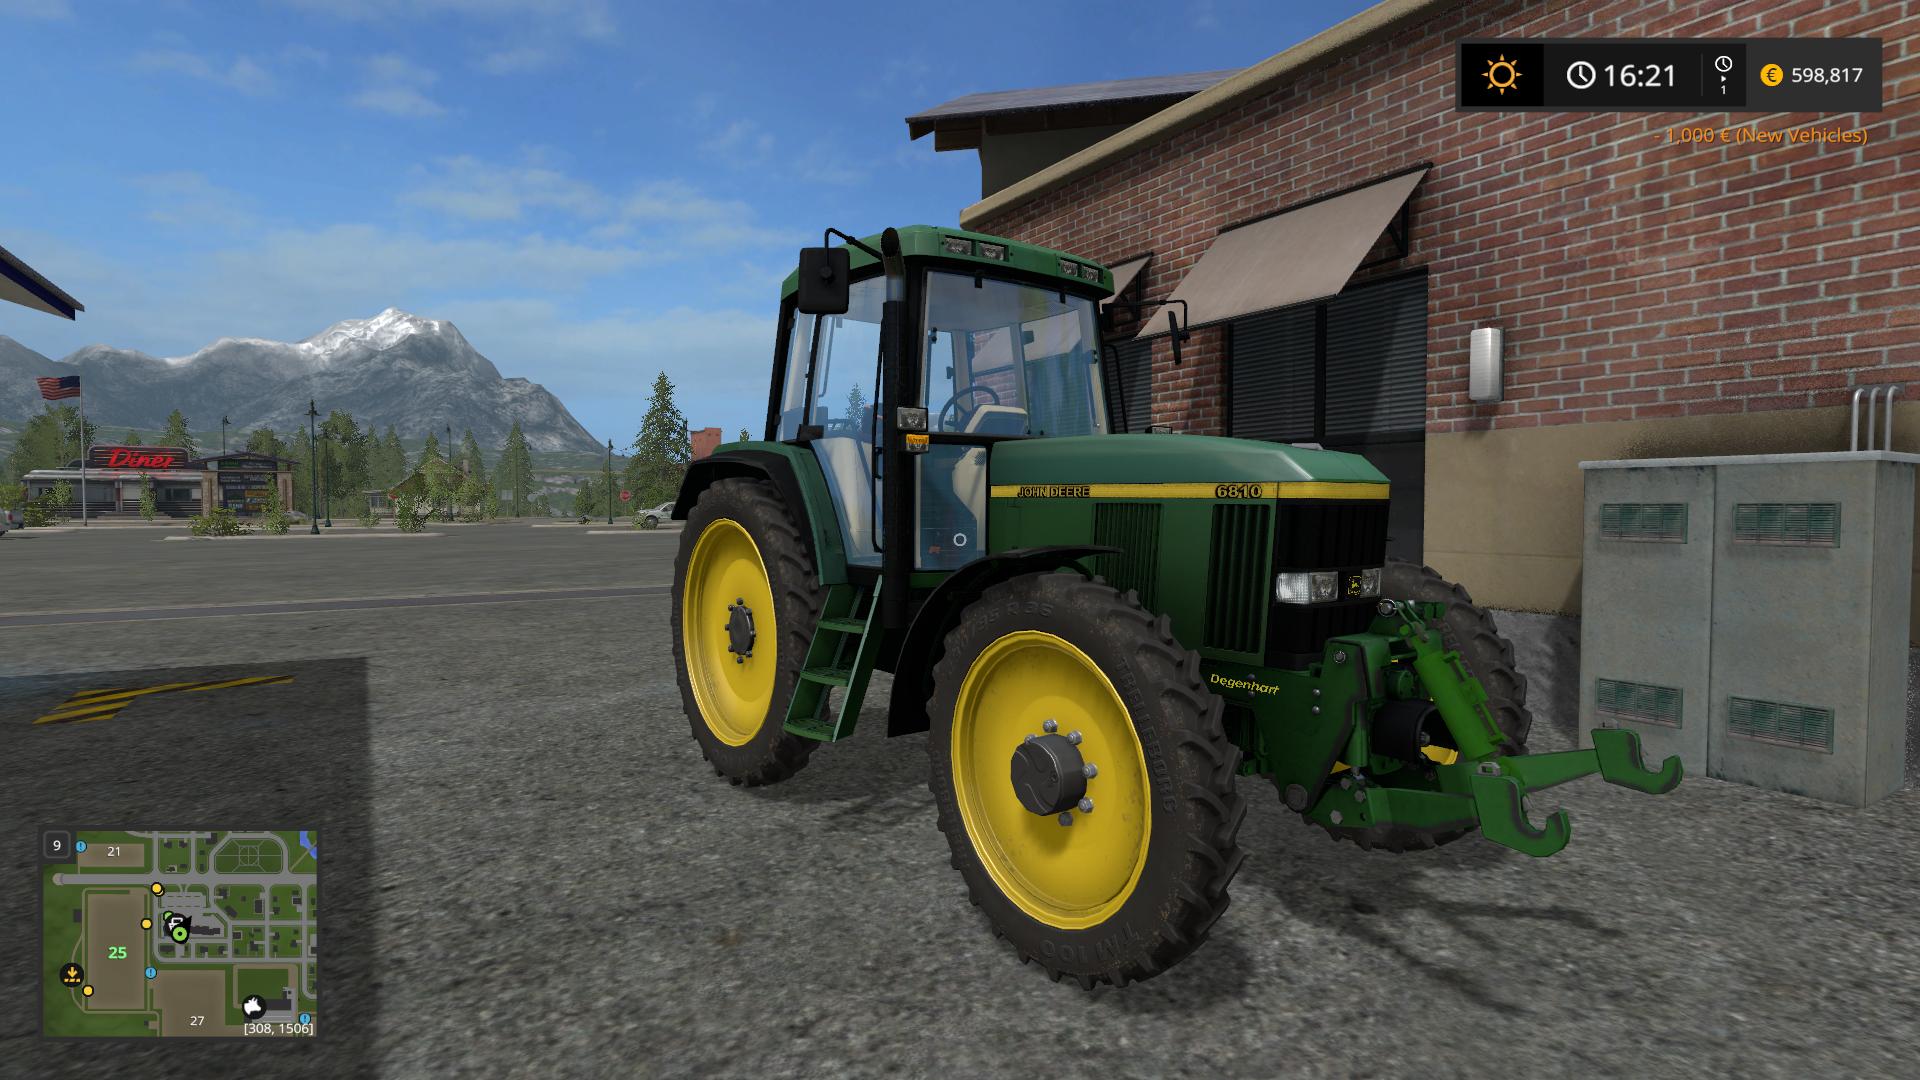 John Deere Side By Side >> FS17 JOHN DEERE 6810 SP EDITION - Farming simulator 2017 ...